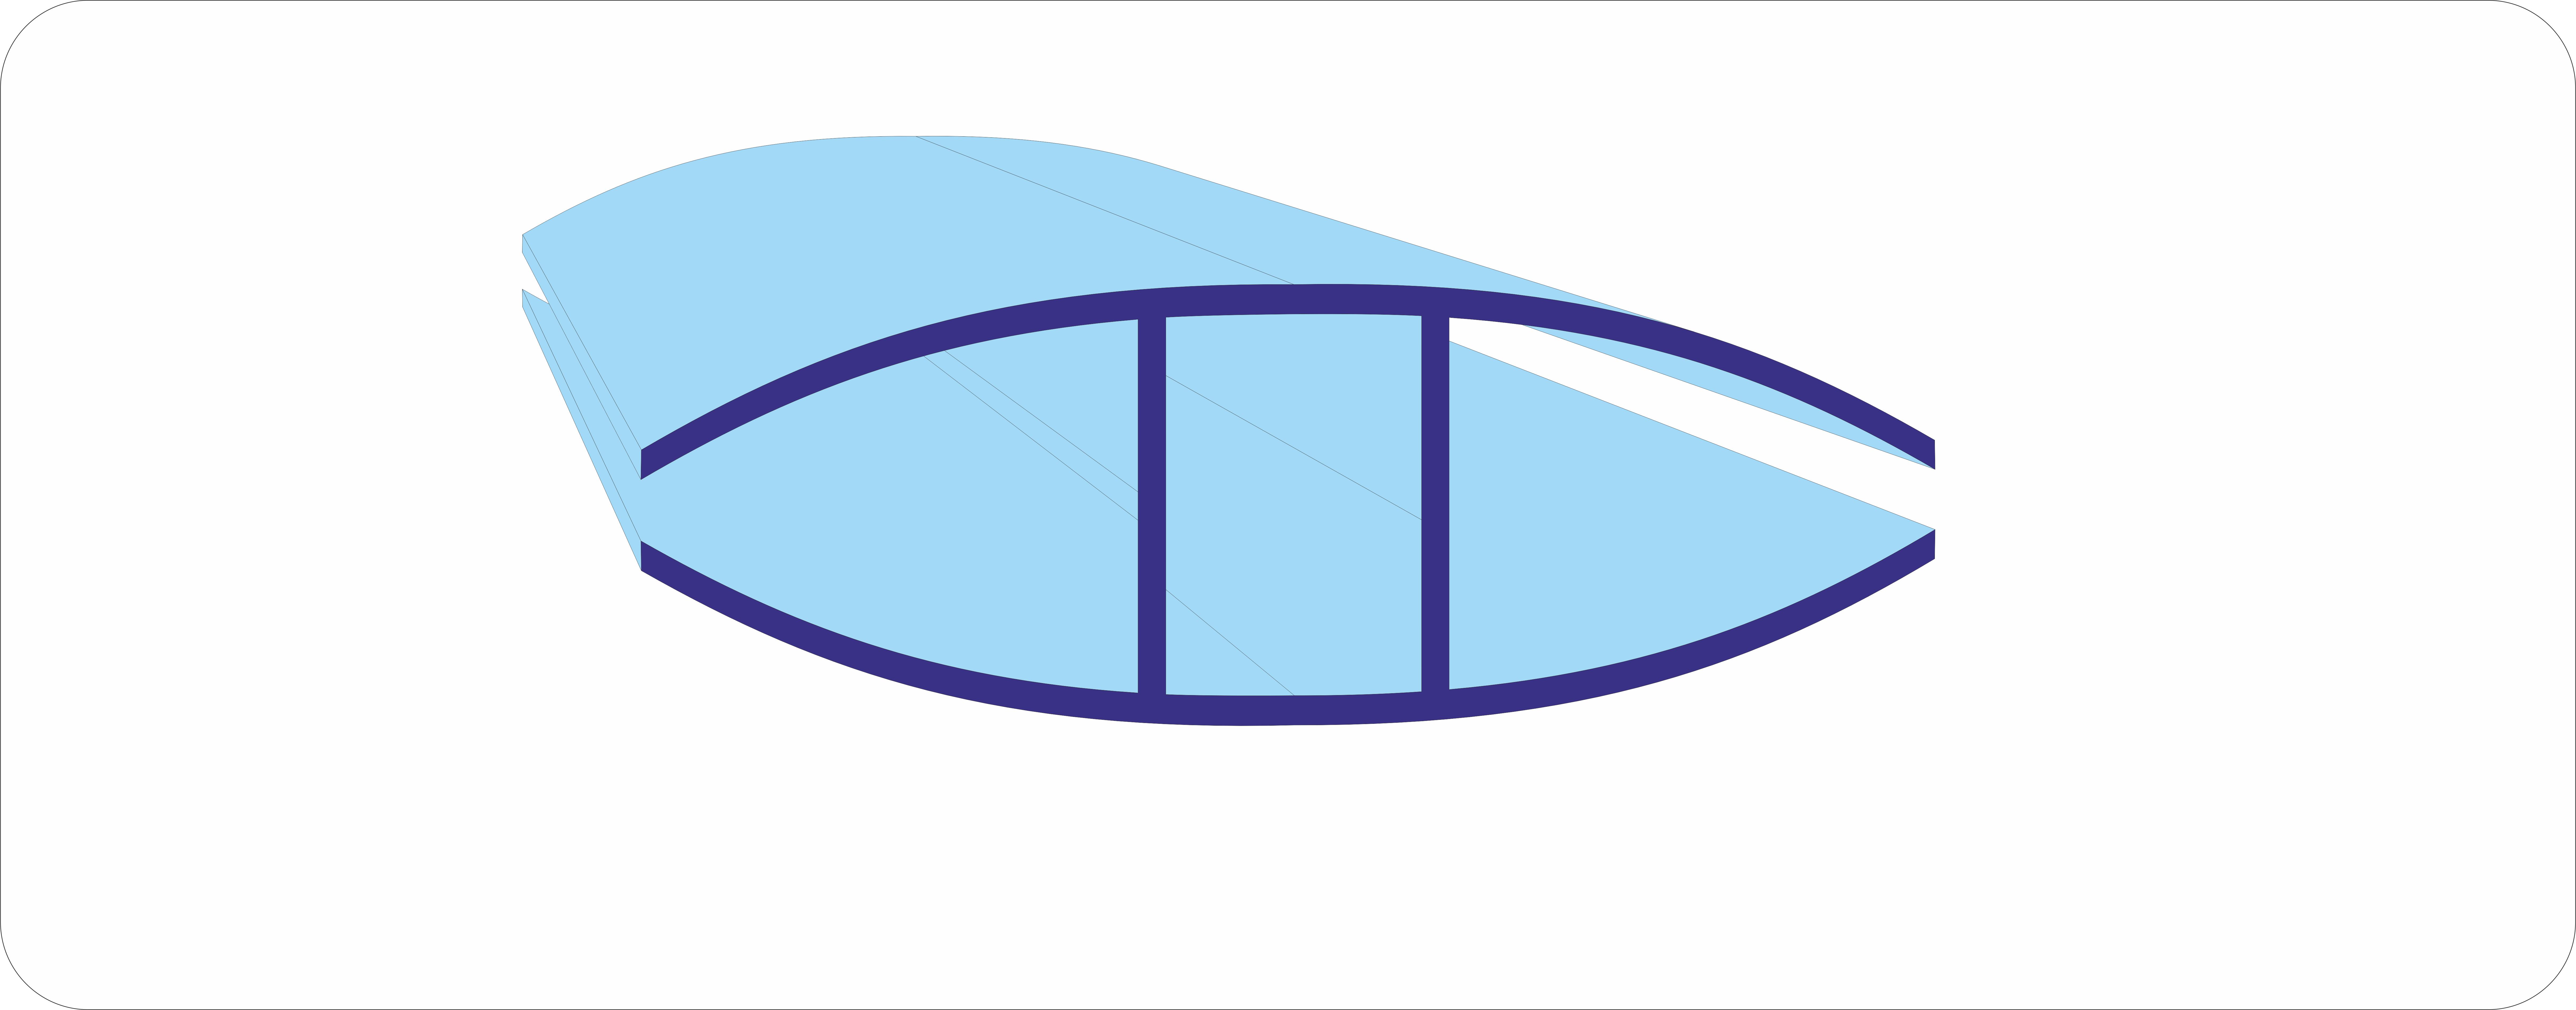 Соединительный неразъемный профиль из поликарбоната